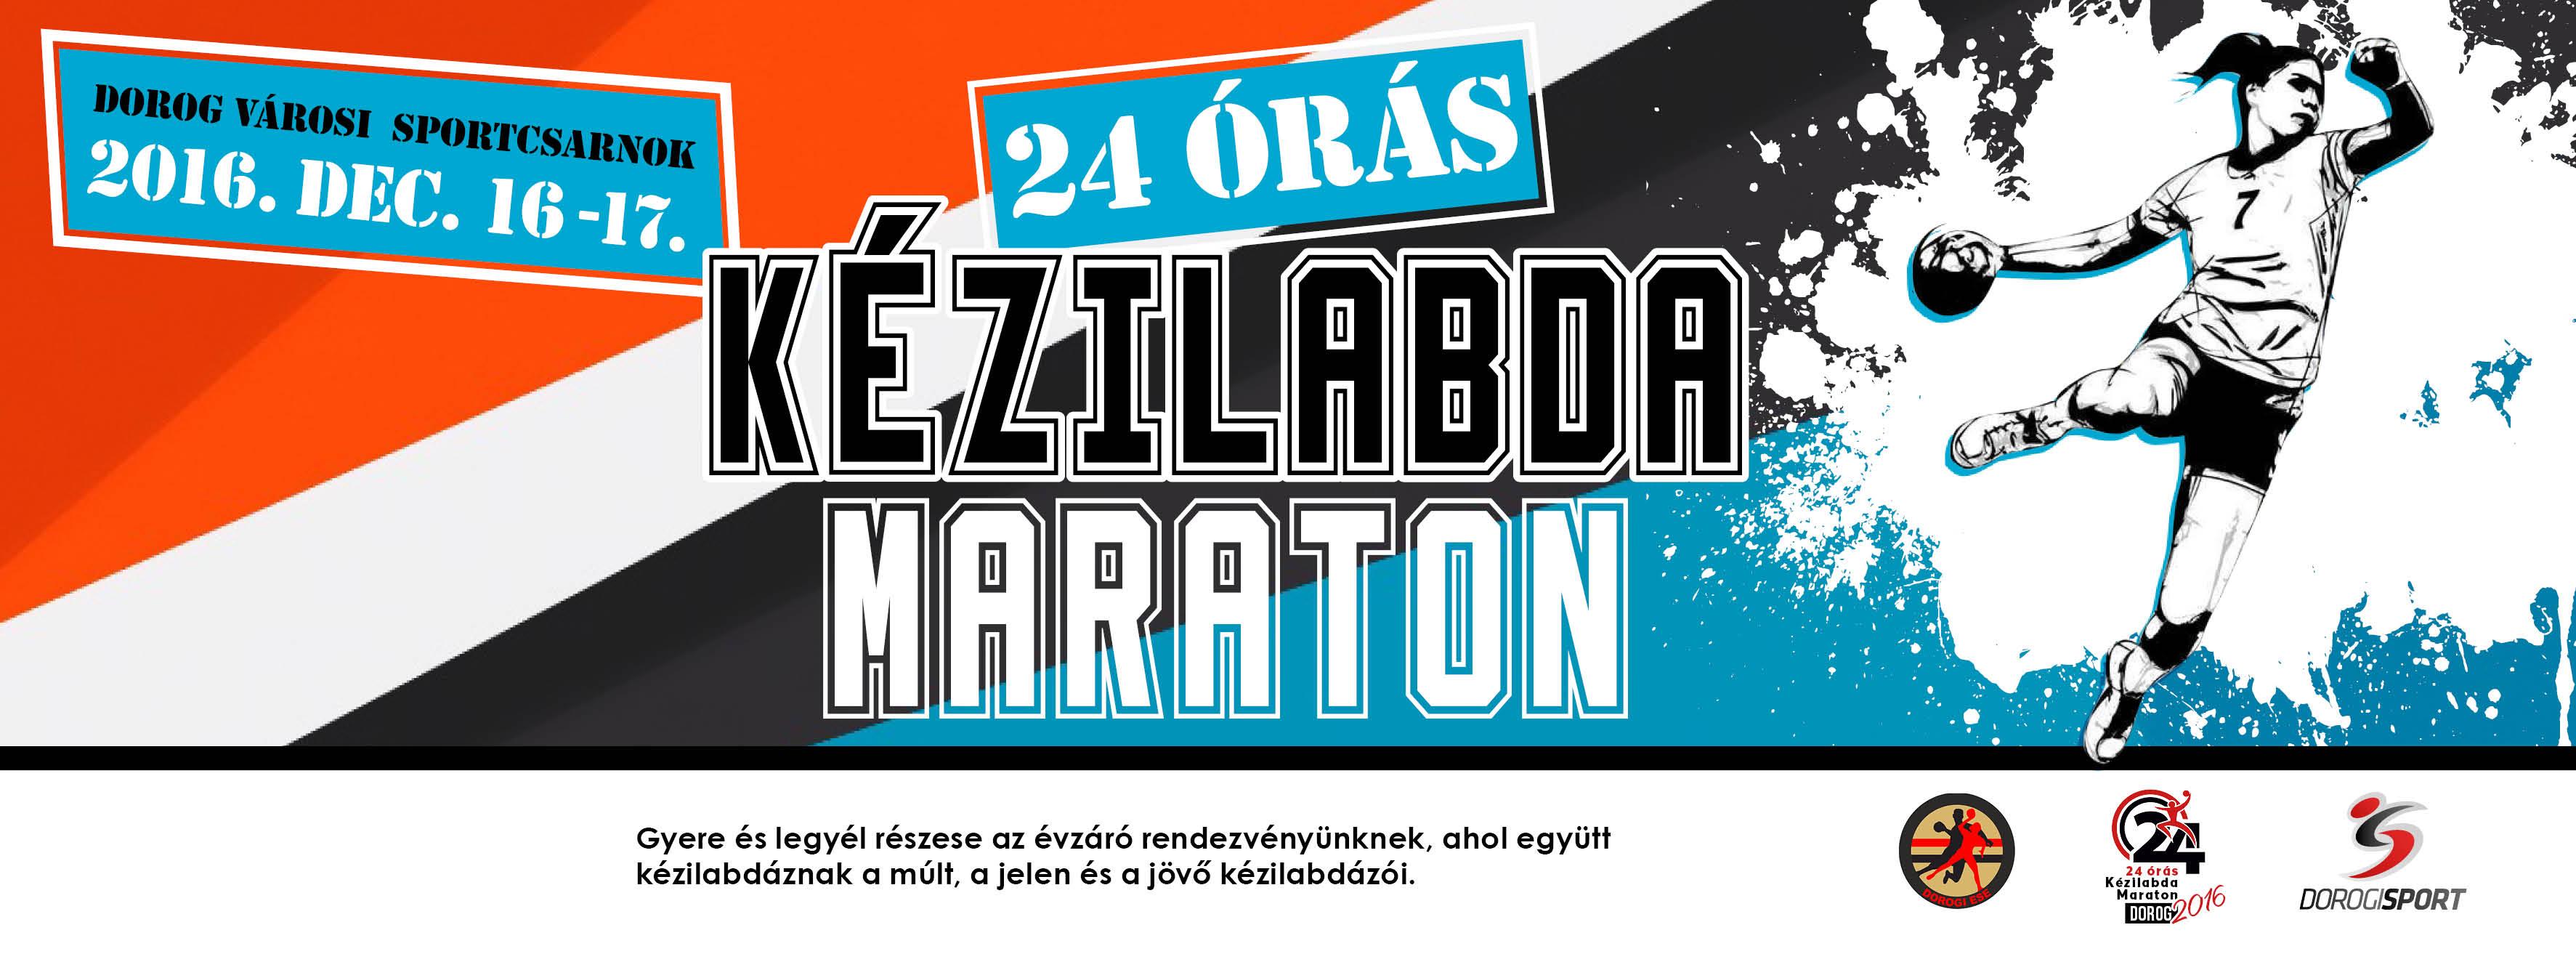 Újra 24 órás Kézilabda Maraton